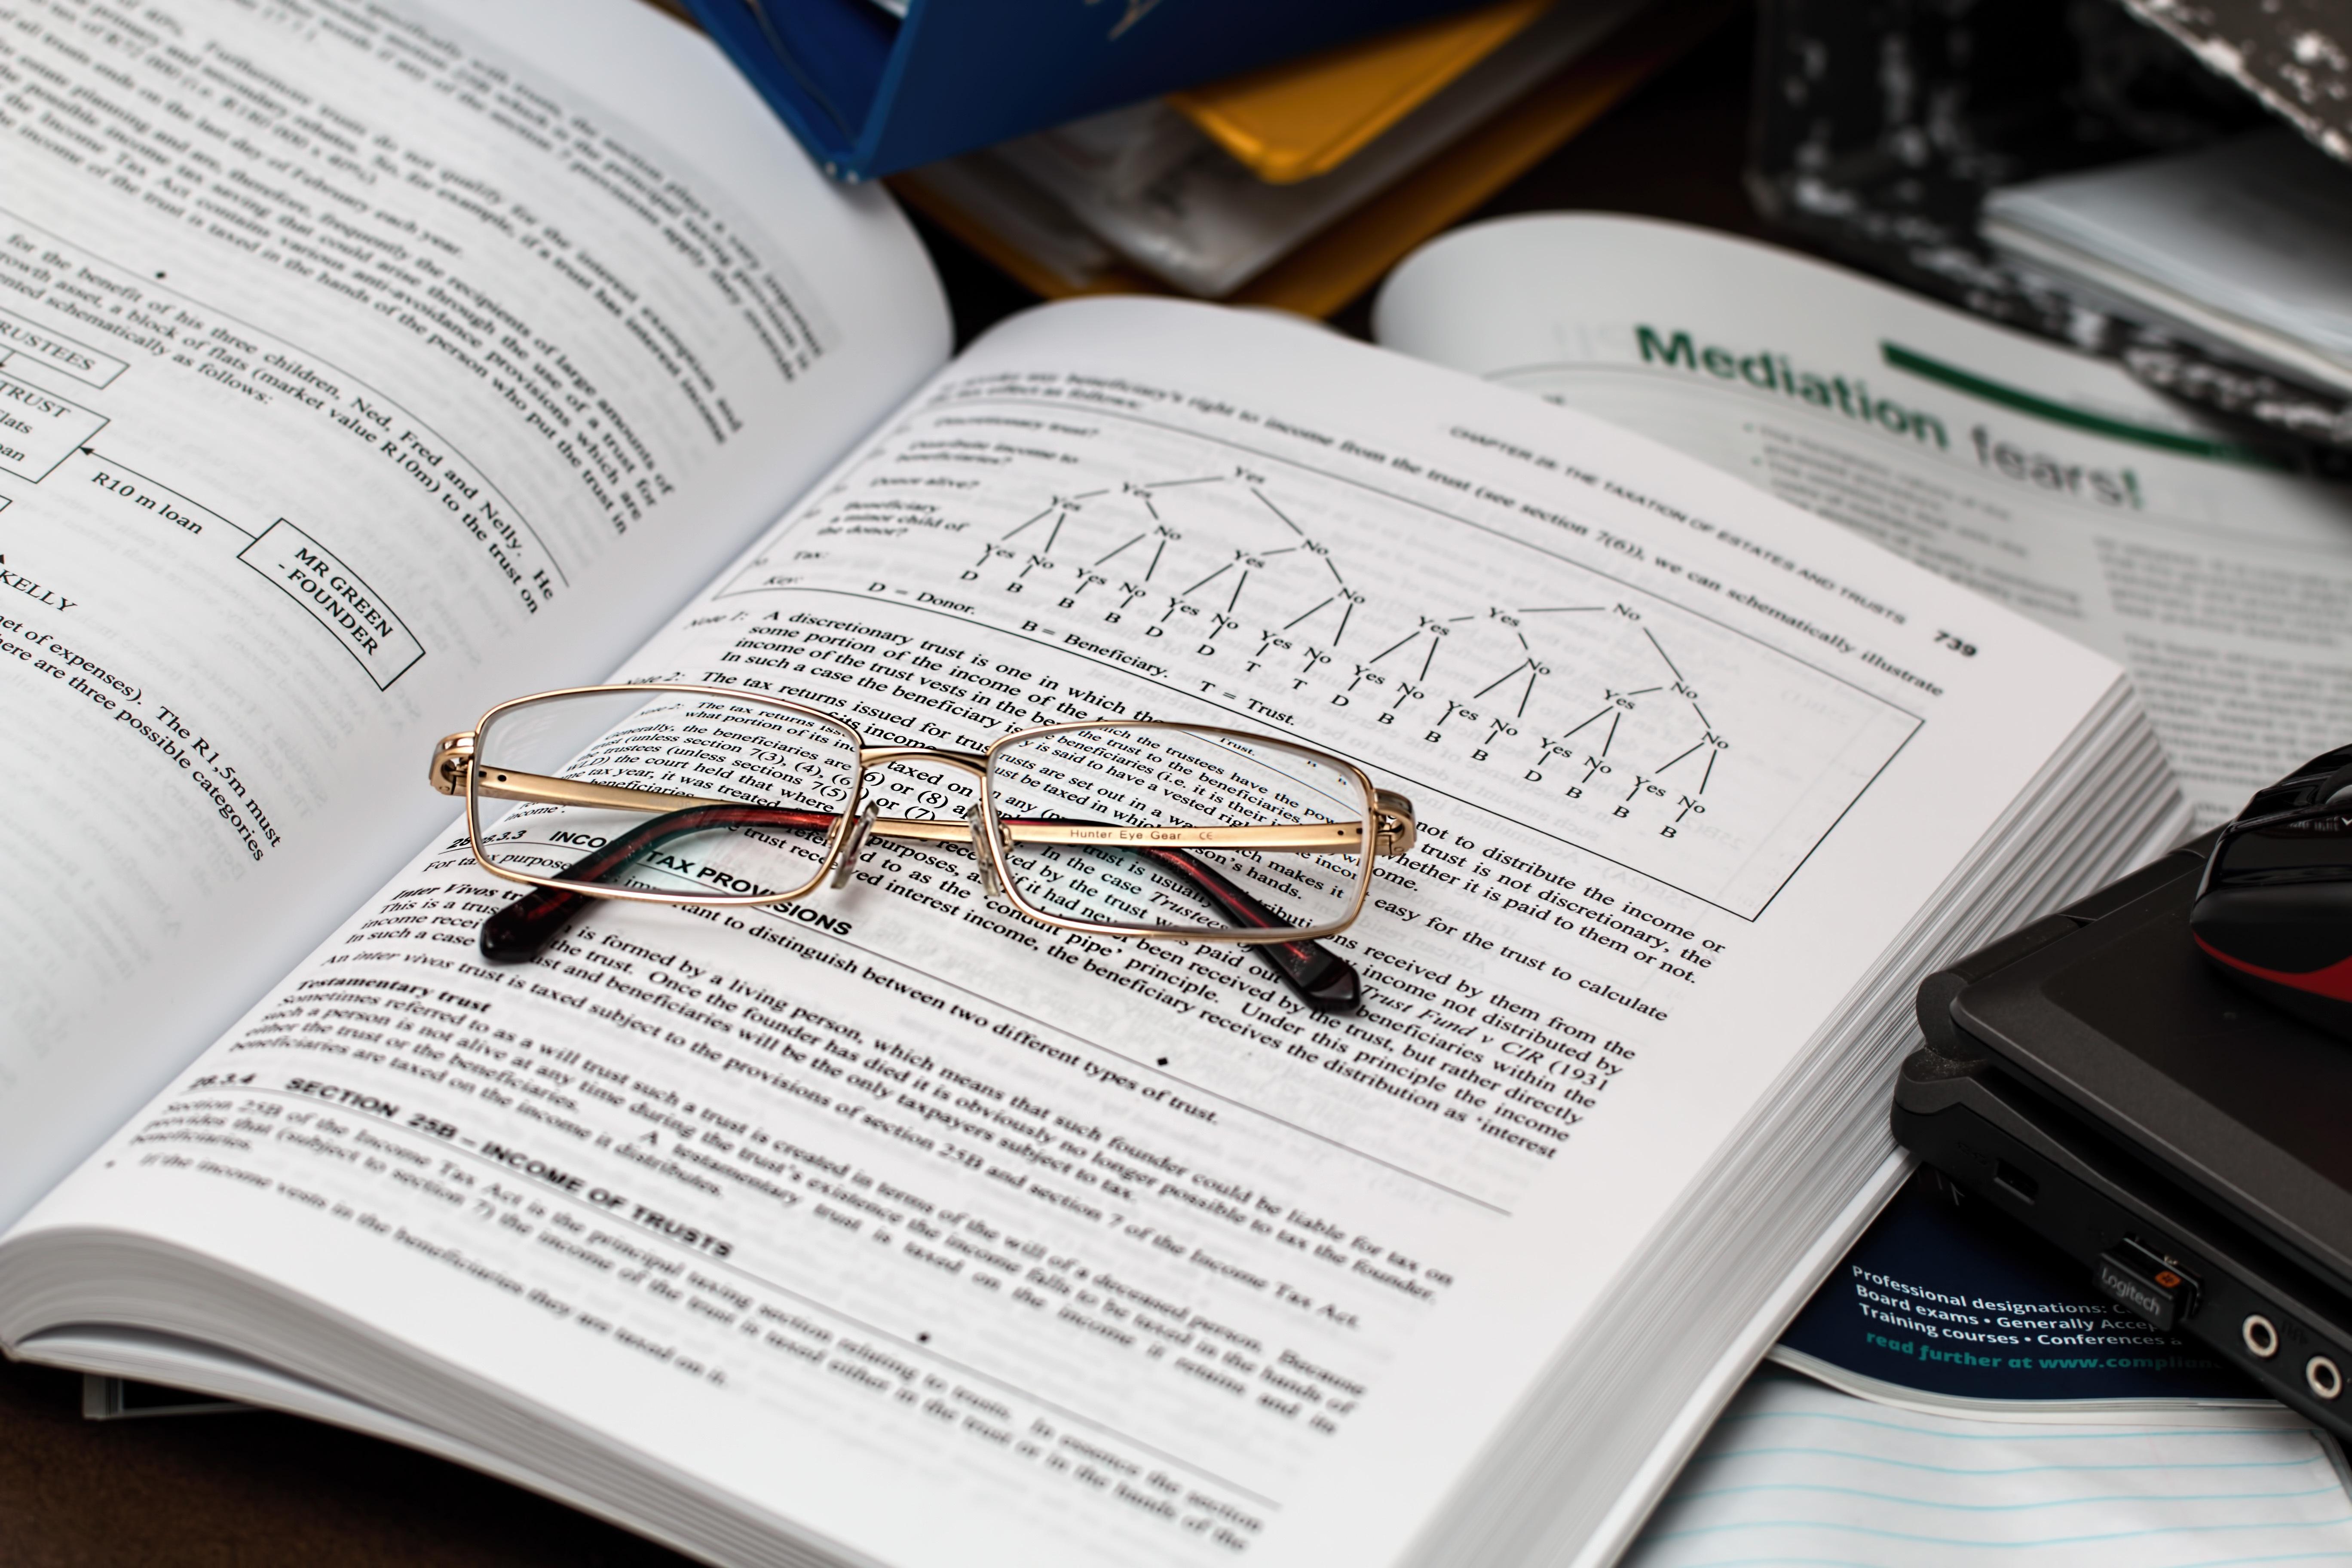 Nejen daňové úniky zkoumají odborníci z univerzitní ekonomické laboratoře